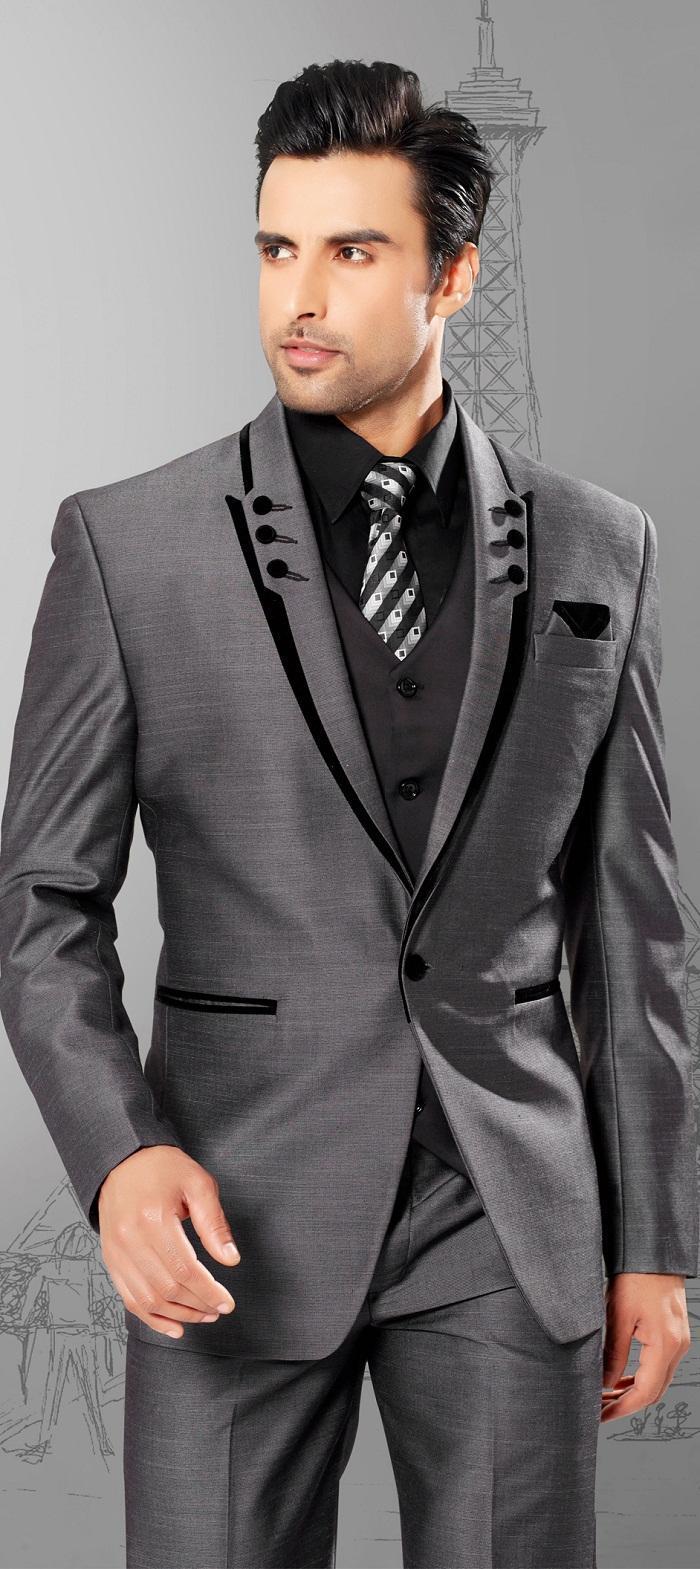 Mens 3 Piece Suits Online | Mens 3 Piece Suits for Sale